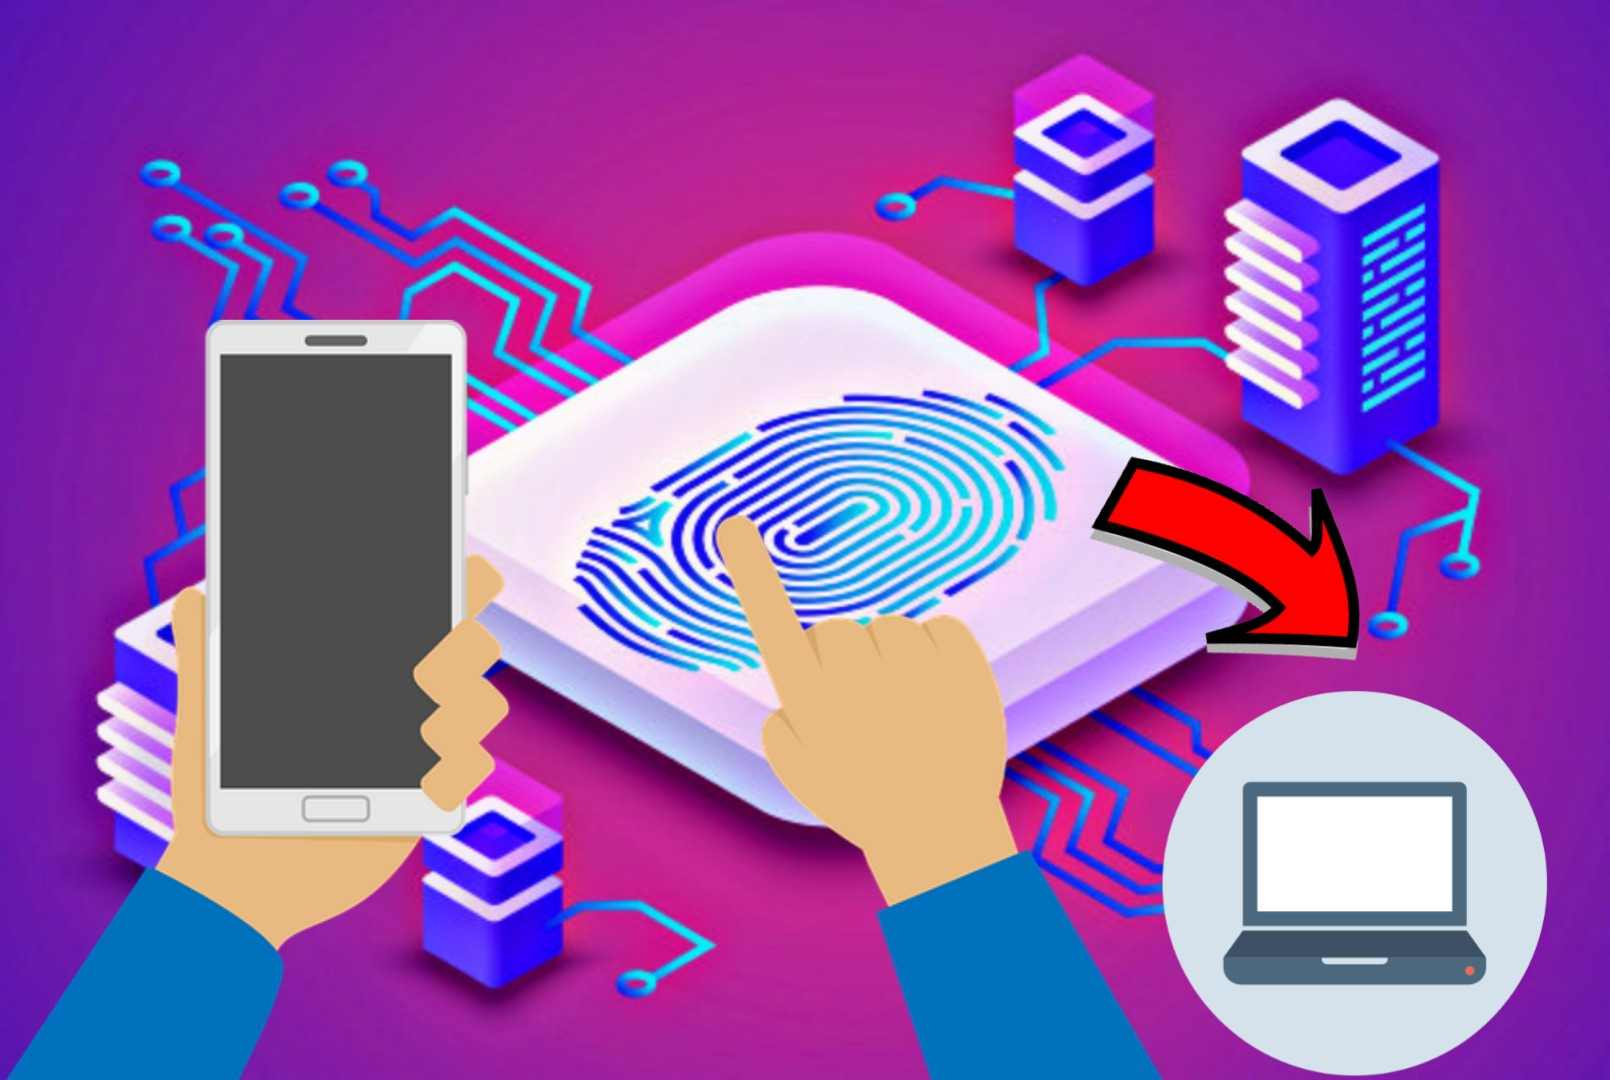 Phone Ke FingerPrint Se Laptop/Desktop Unlock Kaise Kare